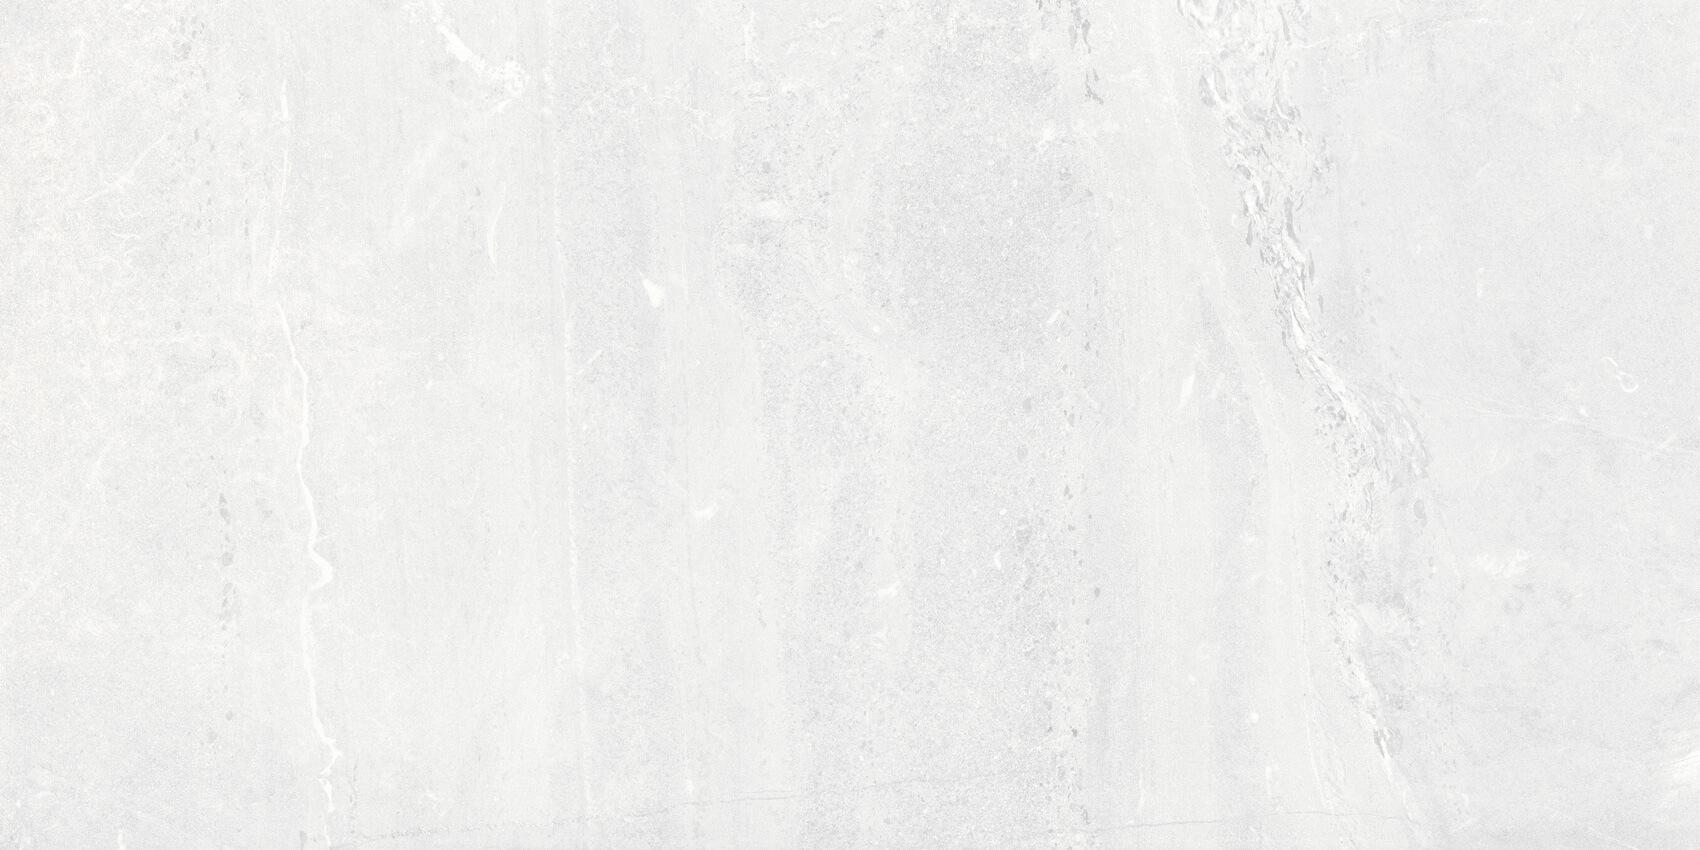 patagonia blanco 60x120